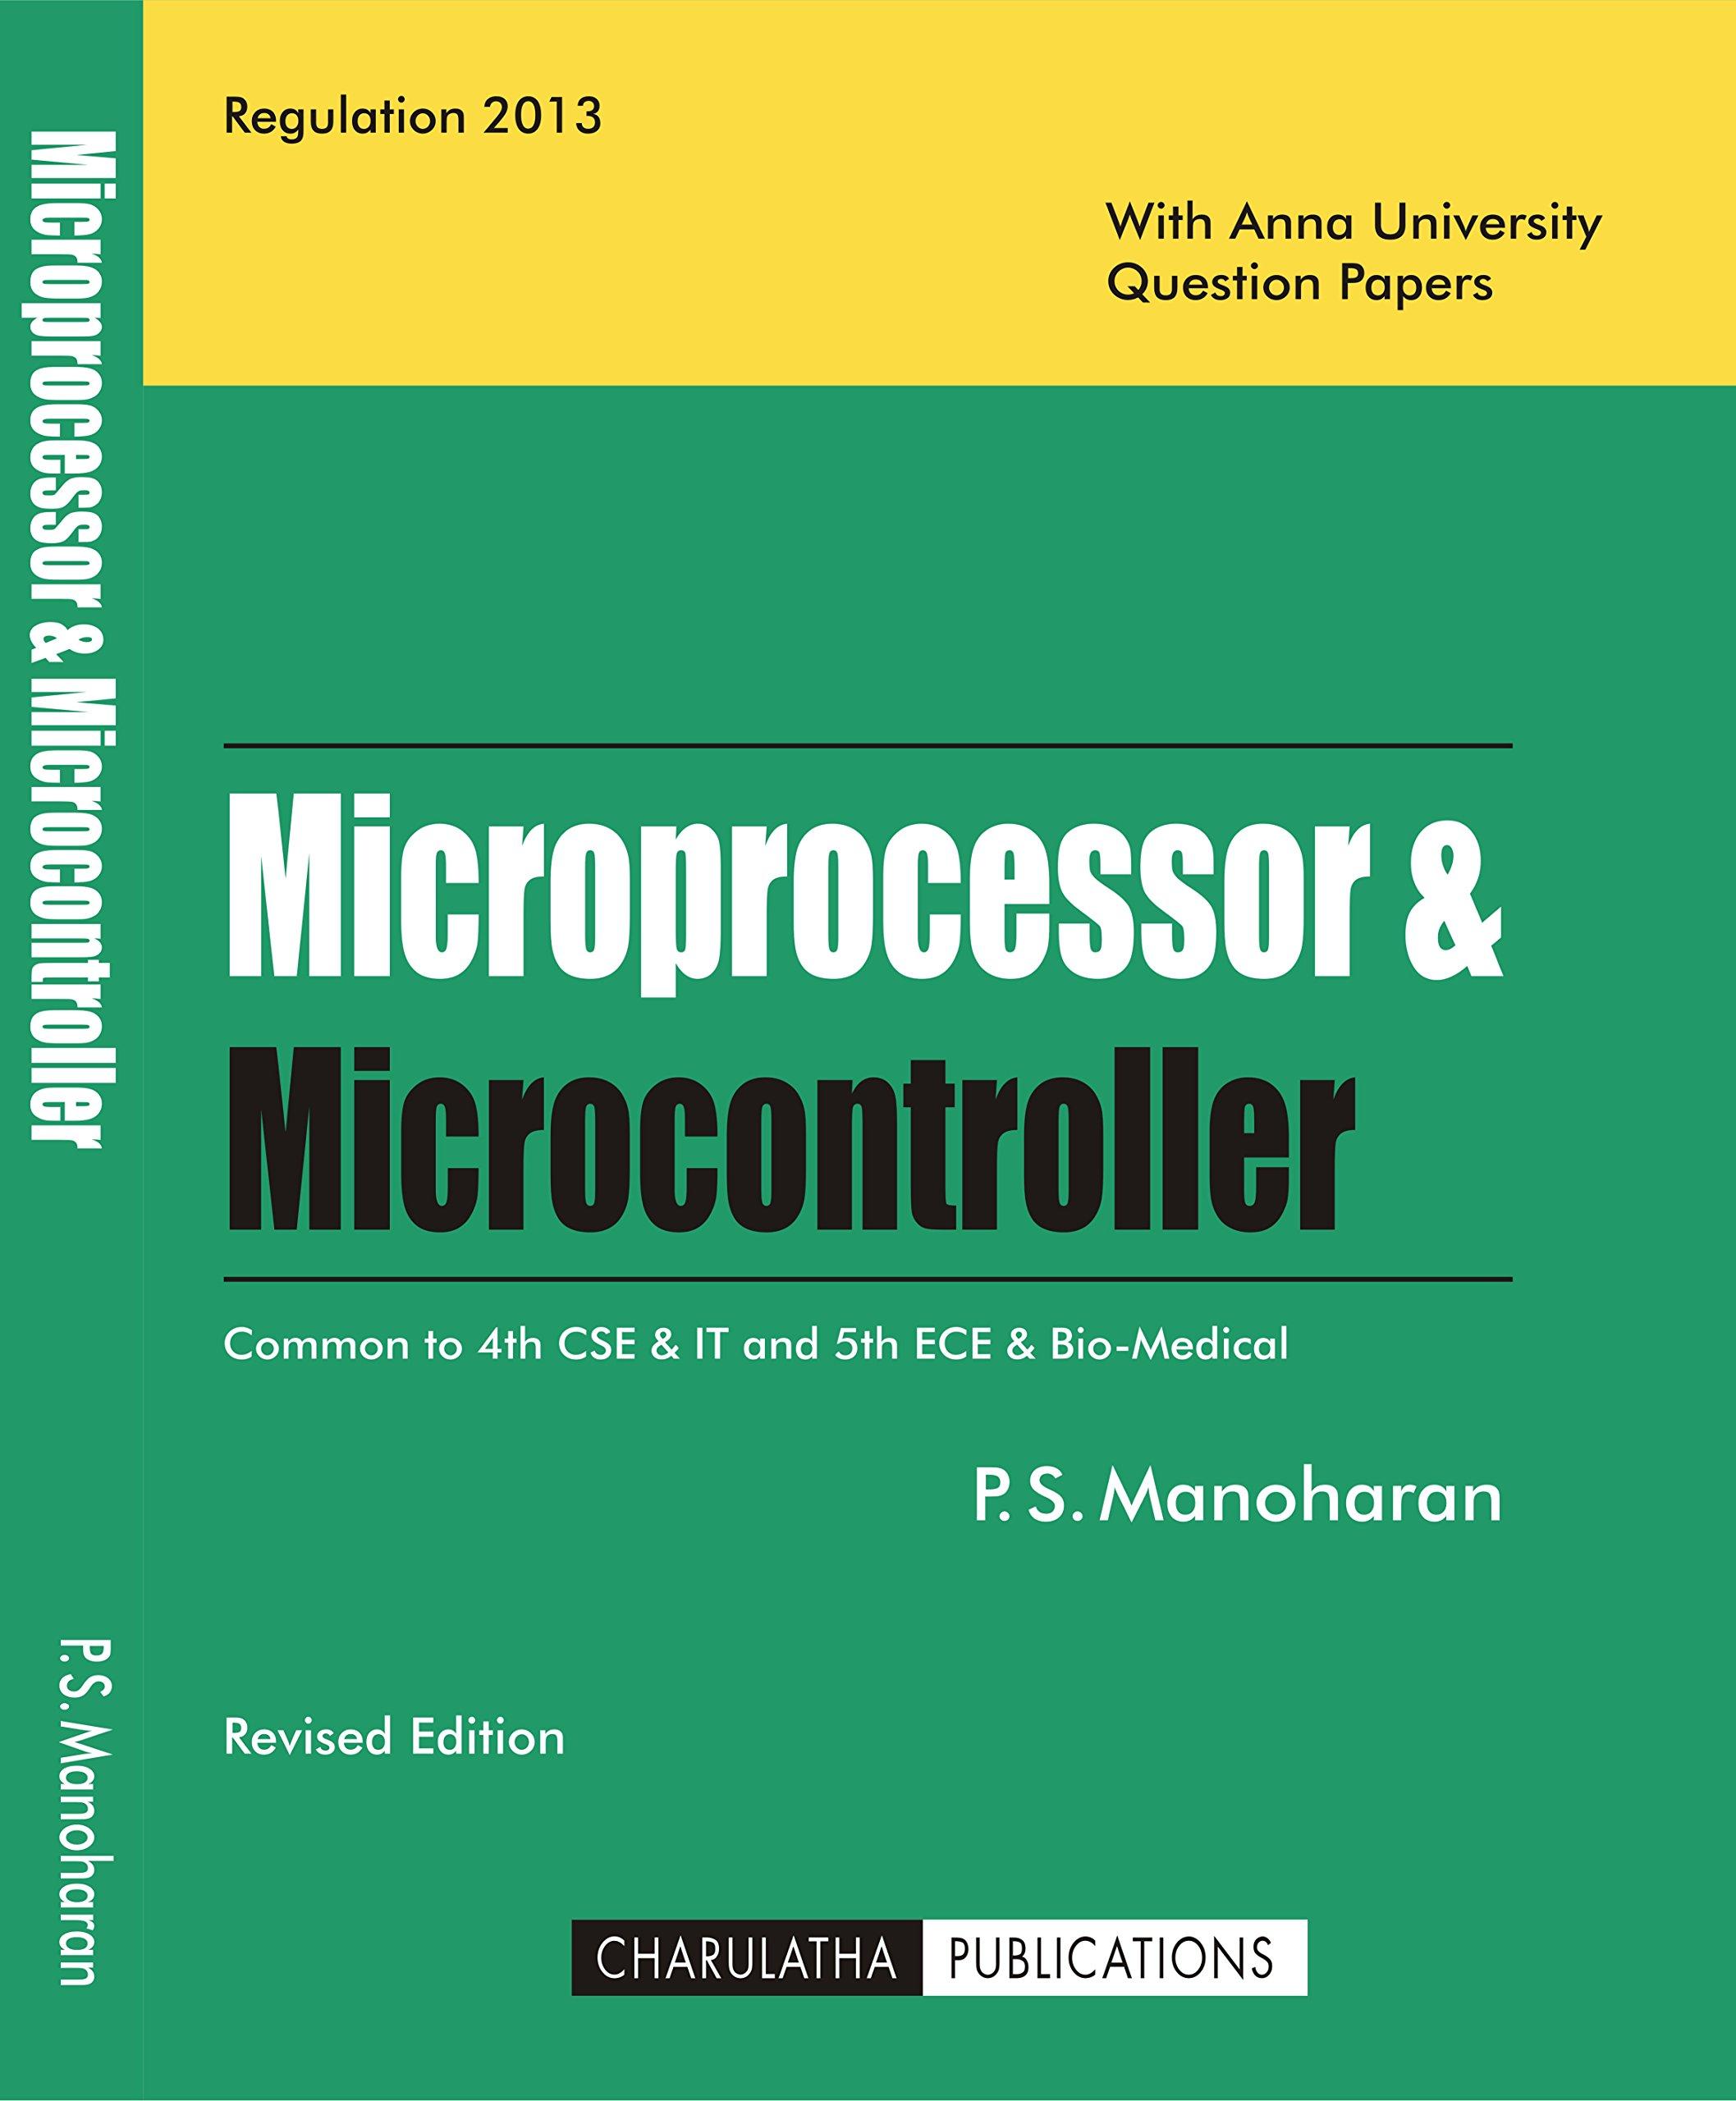 PDF] EC6504 Microprocessor and Microcontroller (MPMC) Books, Lecture